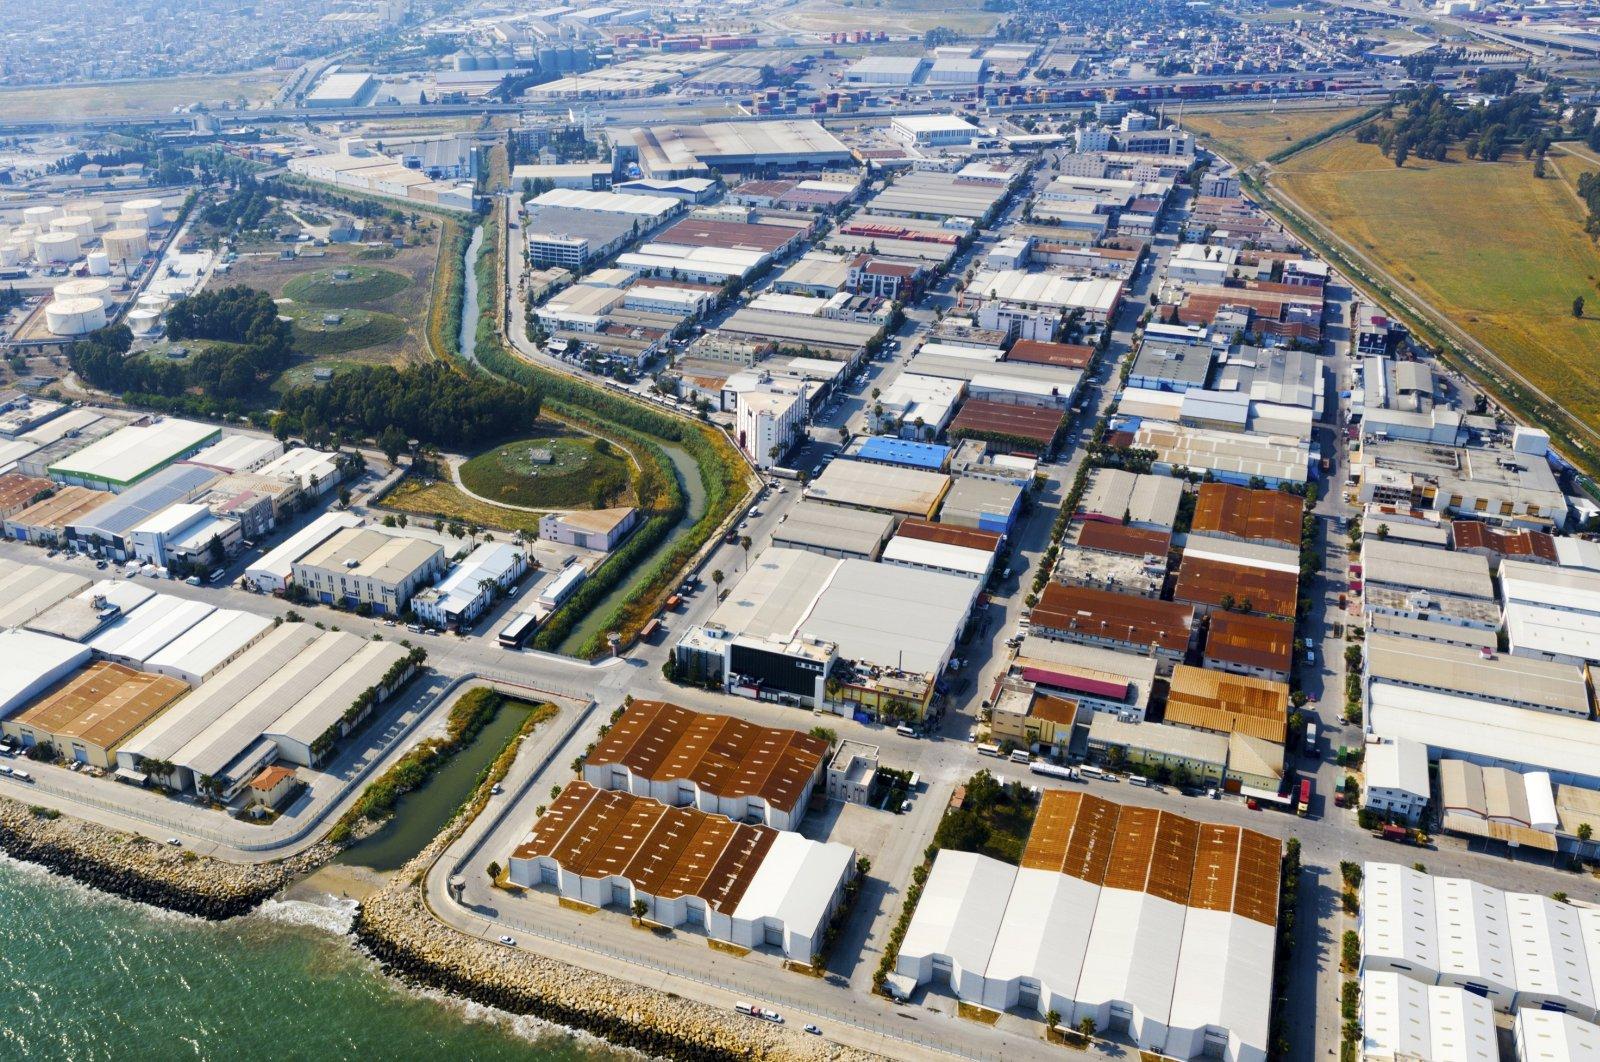 The Specialized Organized Industrial Zone (OIZ) in southern Mersin province, Turkey, Feb. 9, 2021. (IHA Photo)